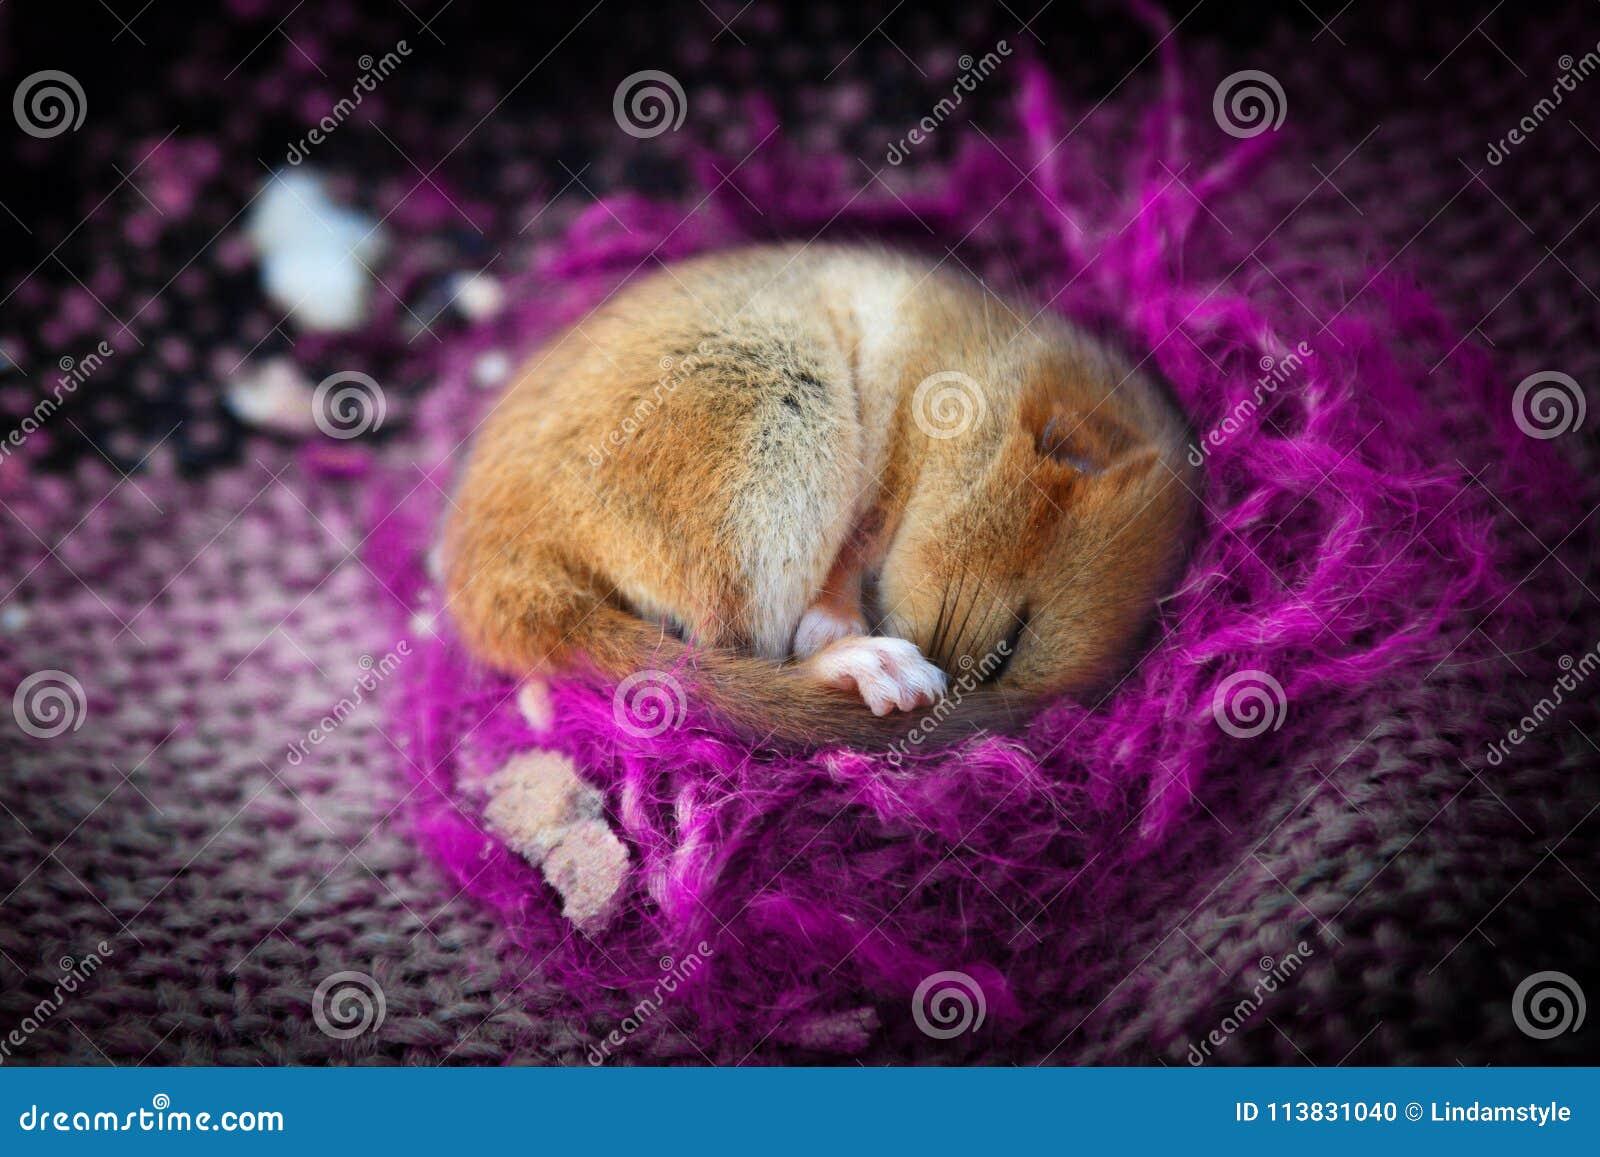 Śliczny mały zwierzęcy dosypianie w fiołkowej koc